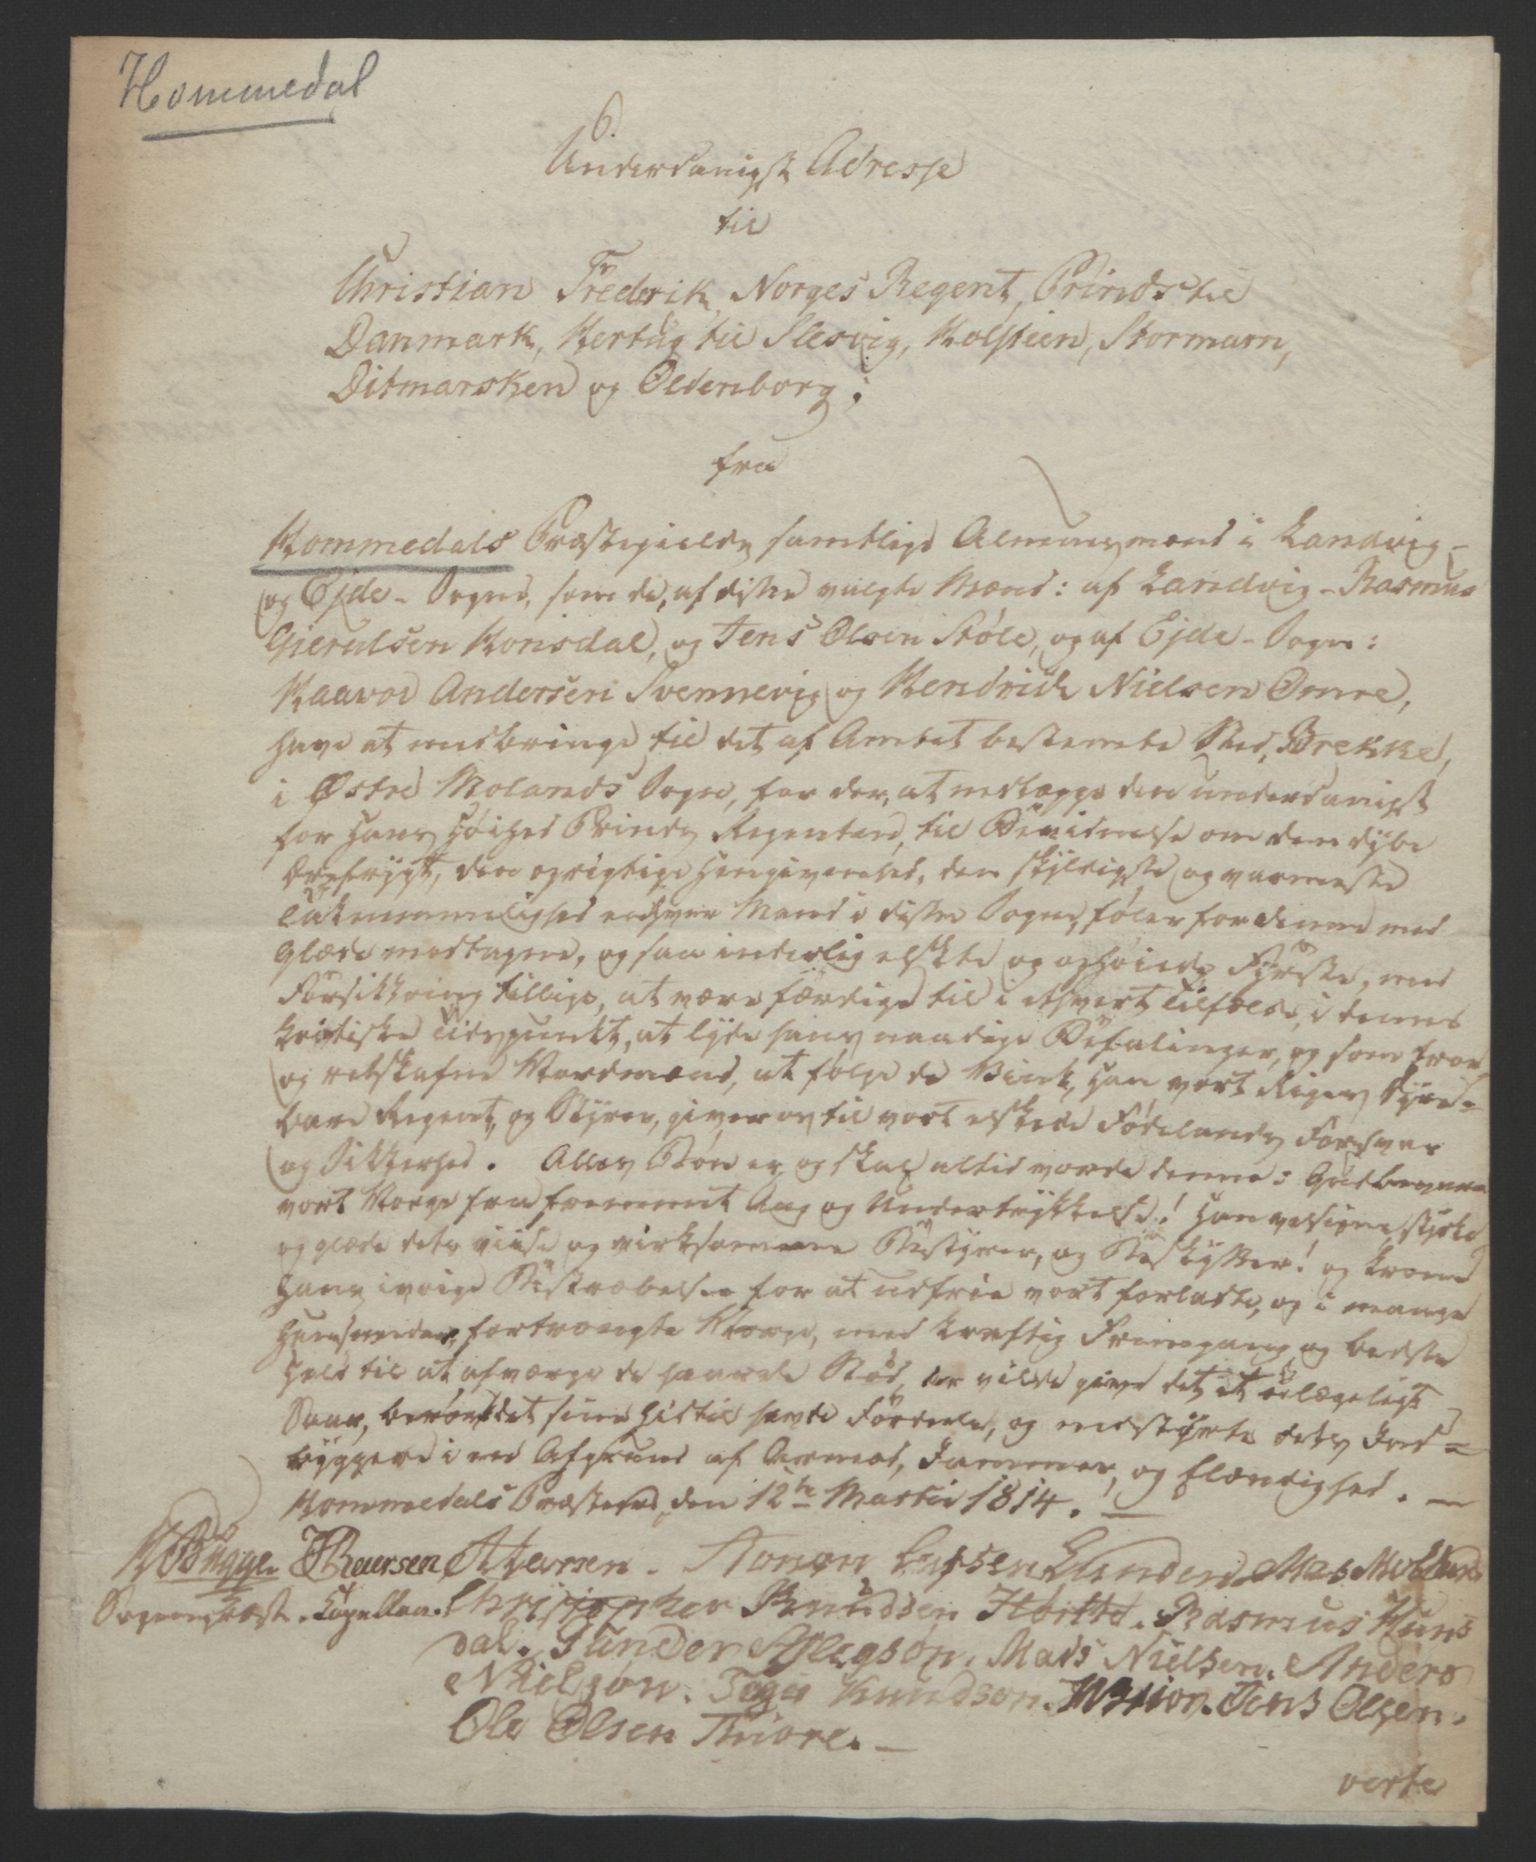 RA, Statsrådssekretariatet, D/Db/L0008: Fullmakter for Eidsvollsrepresentantene i 1814. , 1814, s. 88